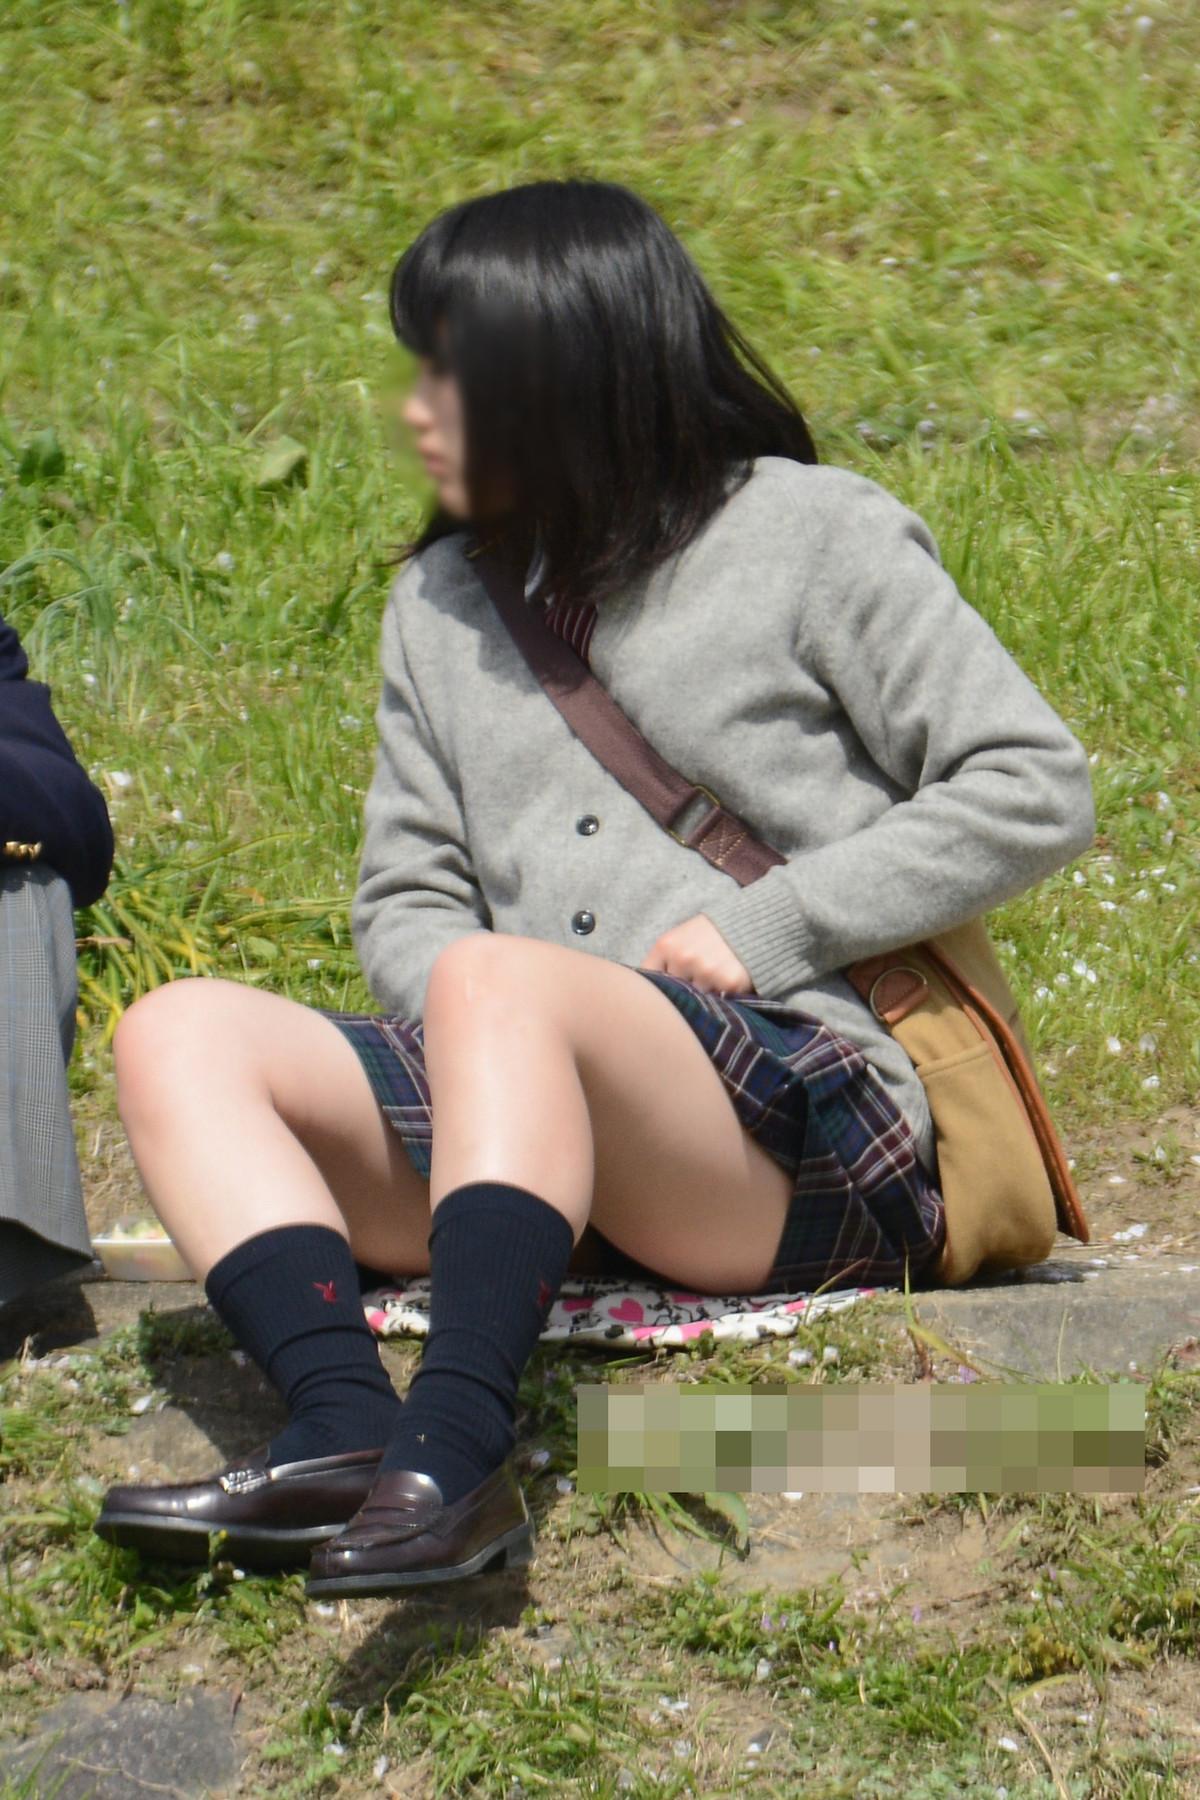 【画像】お尻に食い込むドスケベJKパンチラ